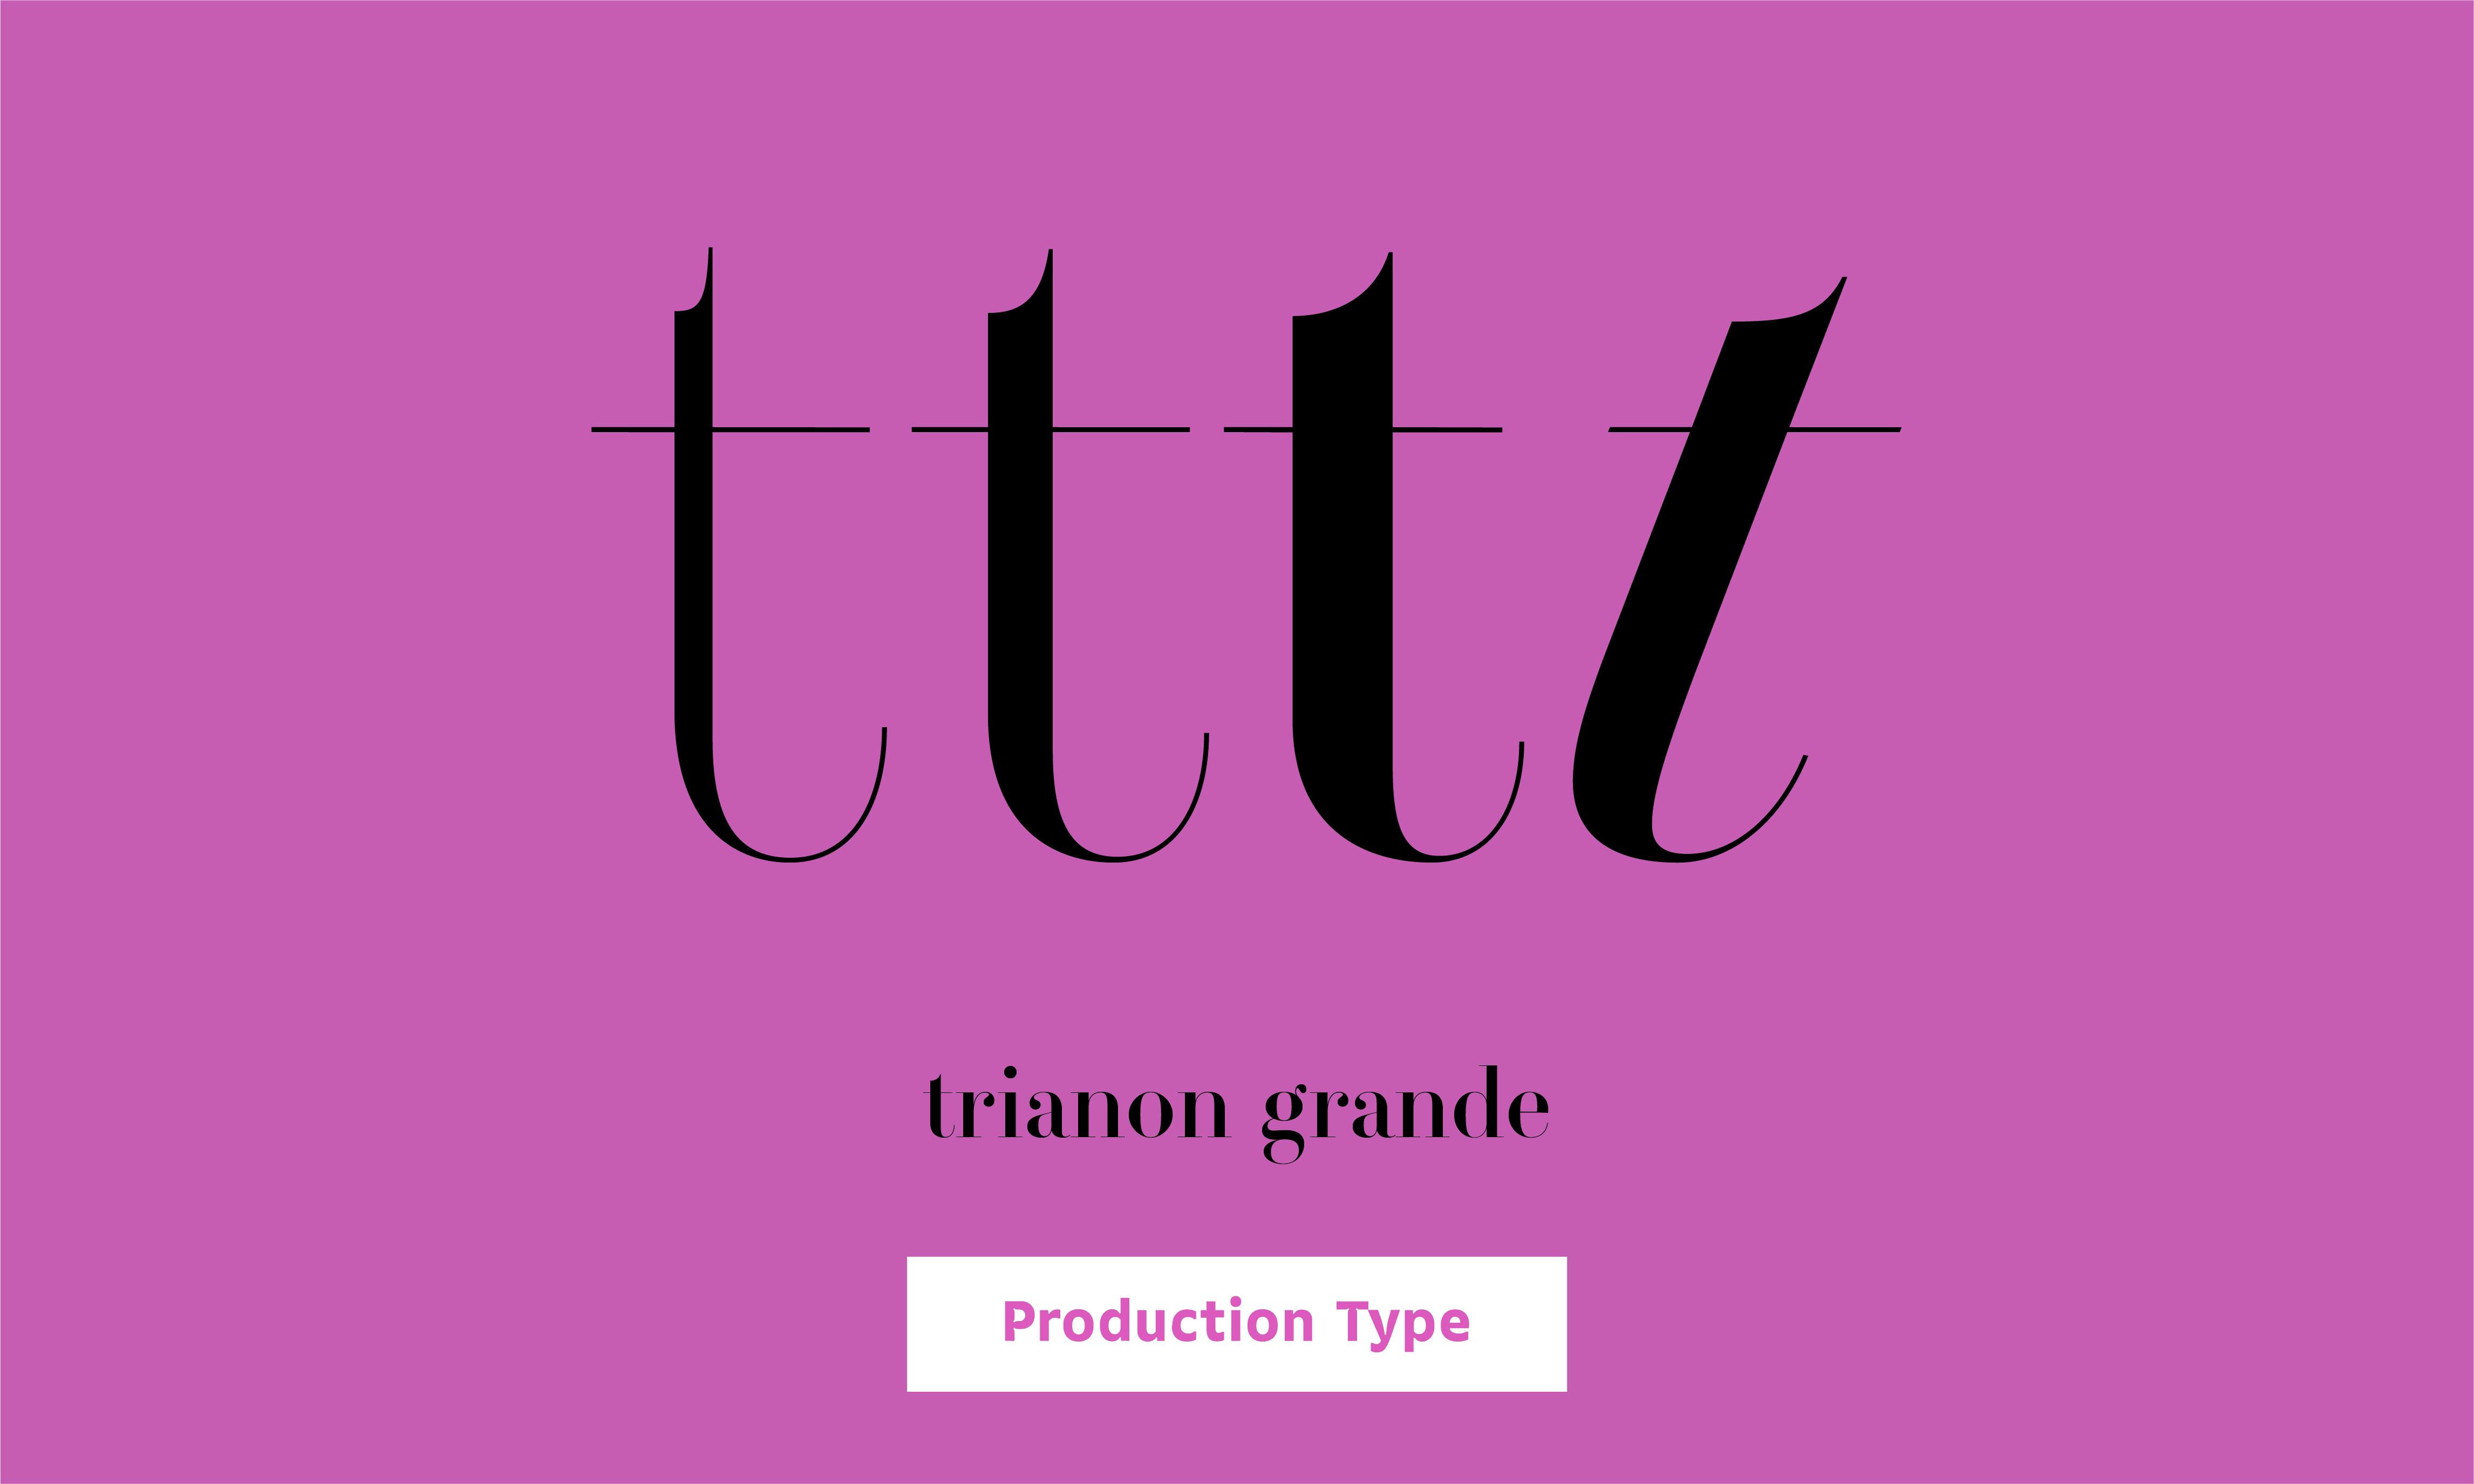 trianon_grande 메인